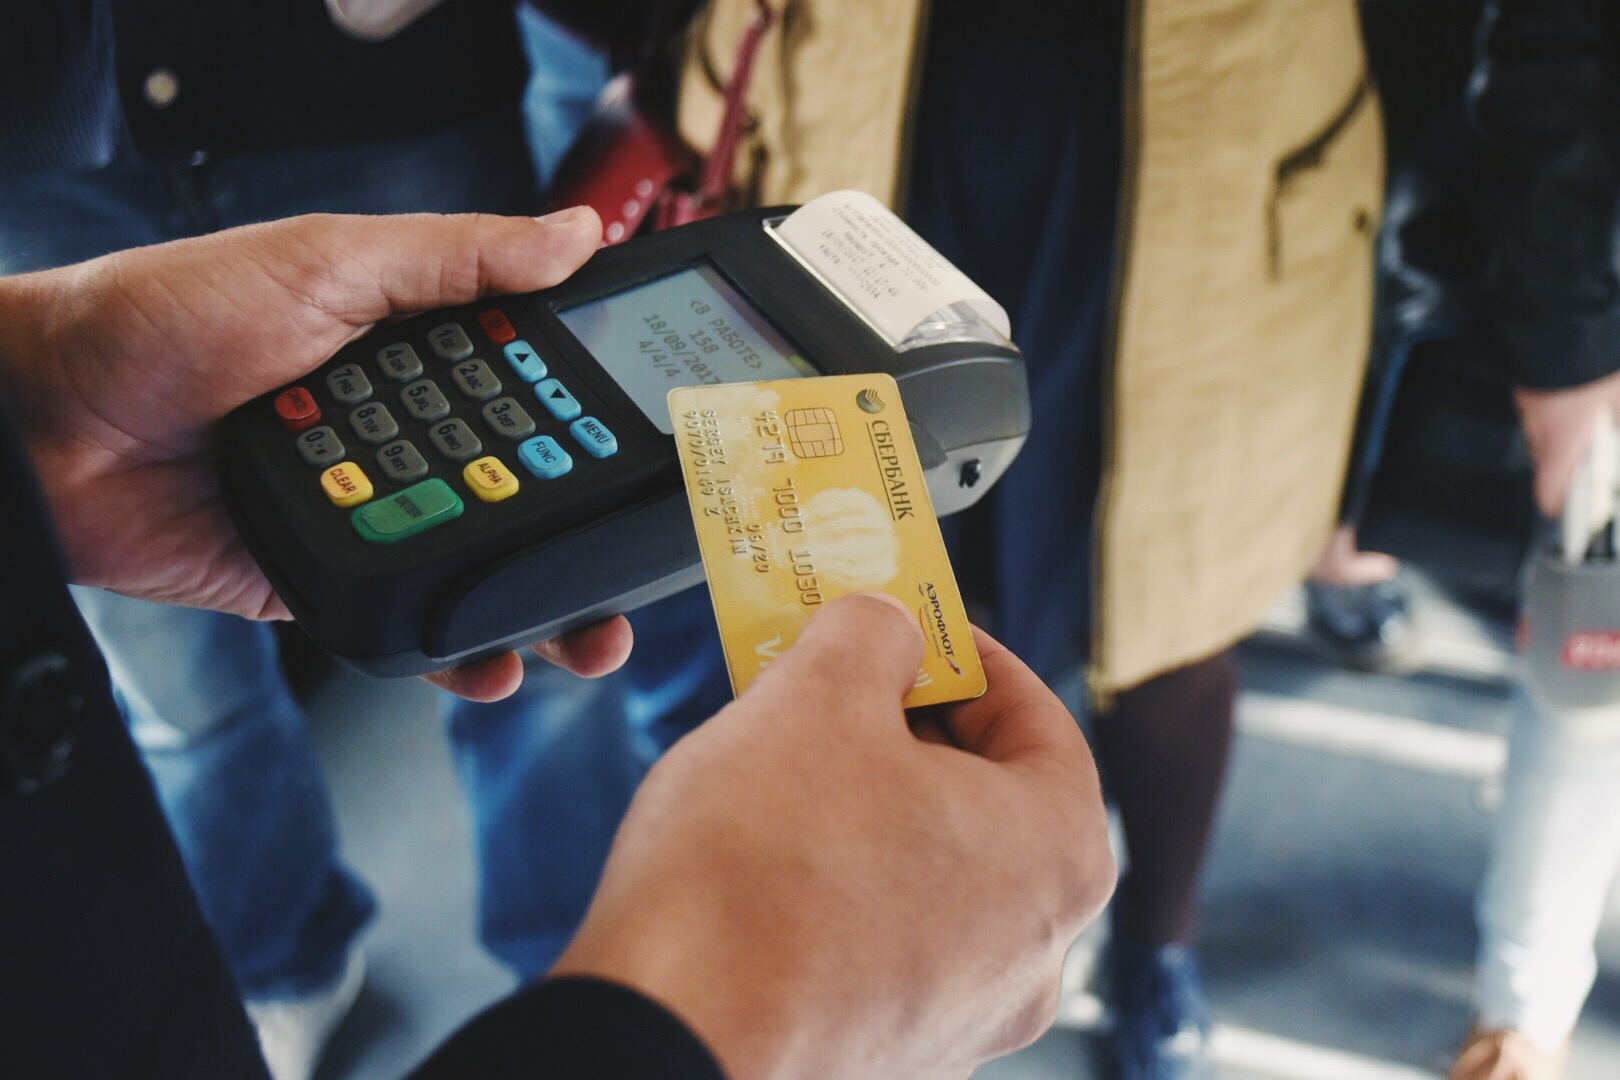 Каждая 10 поездка в транспорте Кирова оплачивается банковской картой или смартфоном